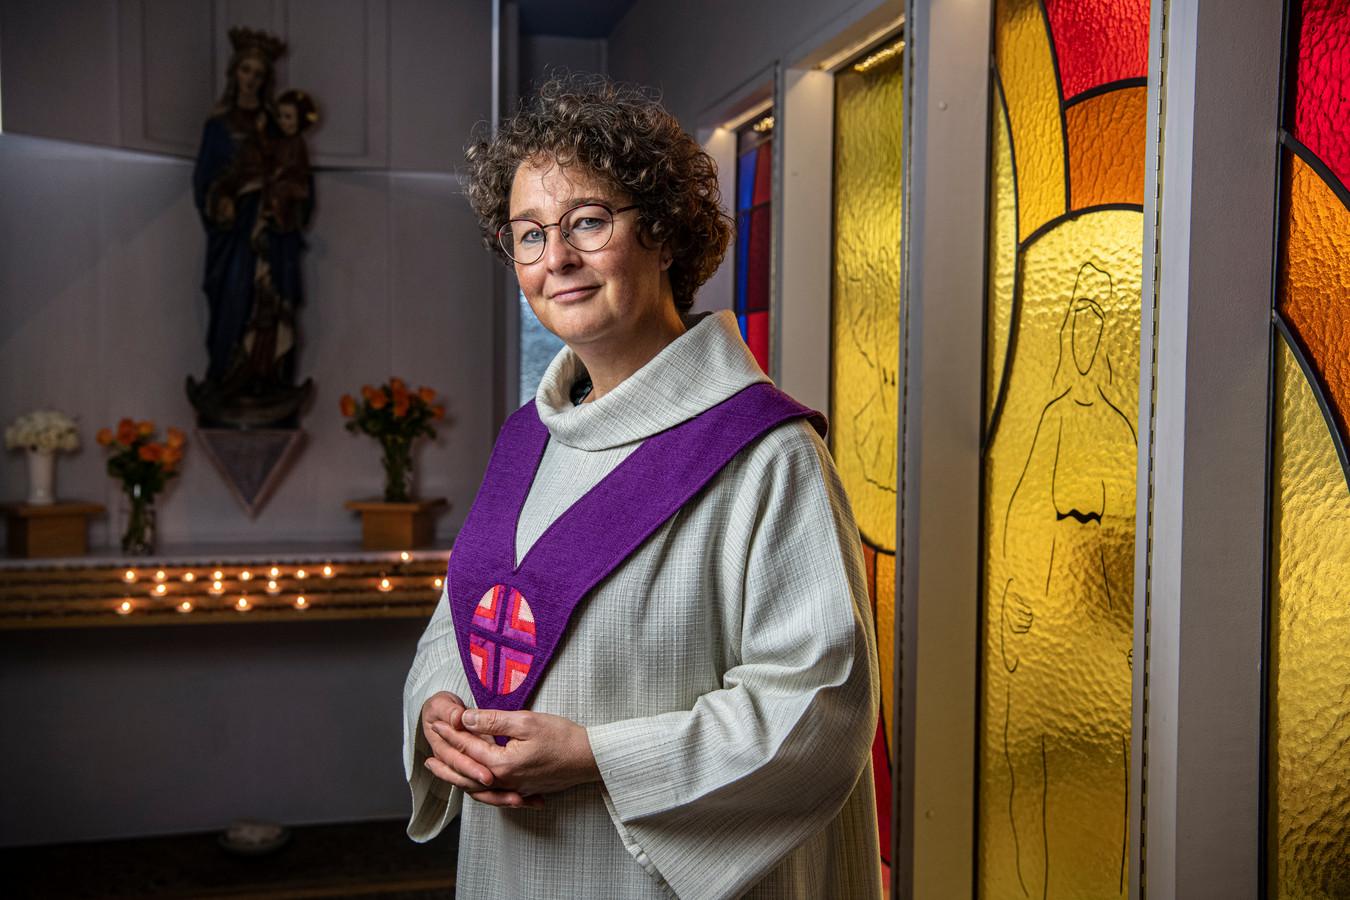 Pastor Joska van der Meer